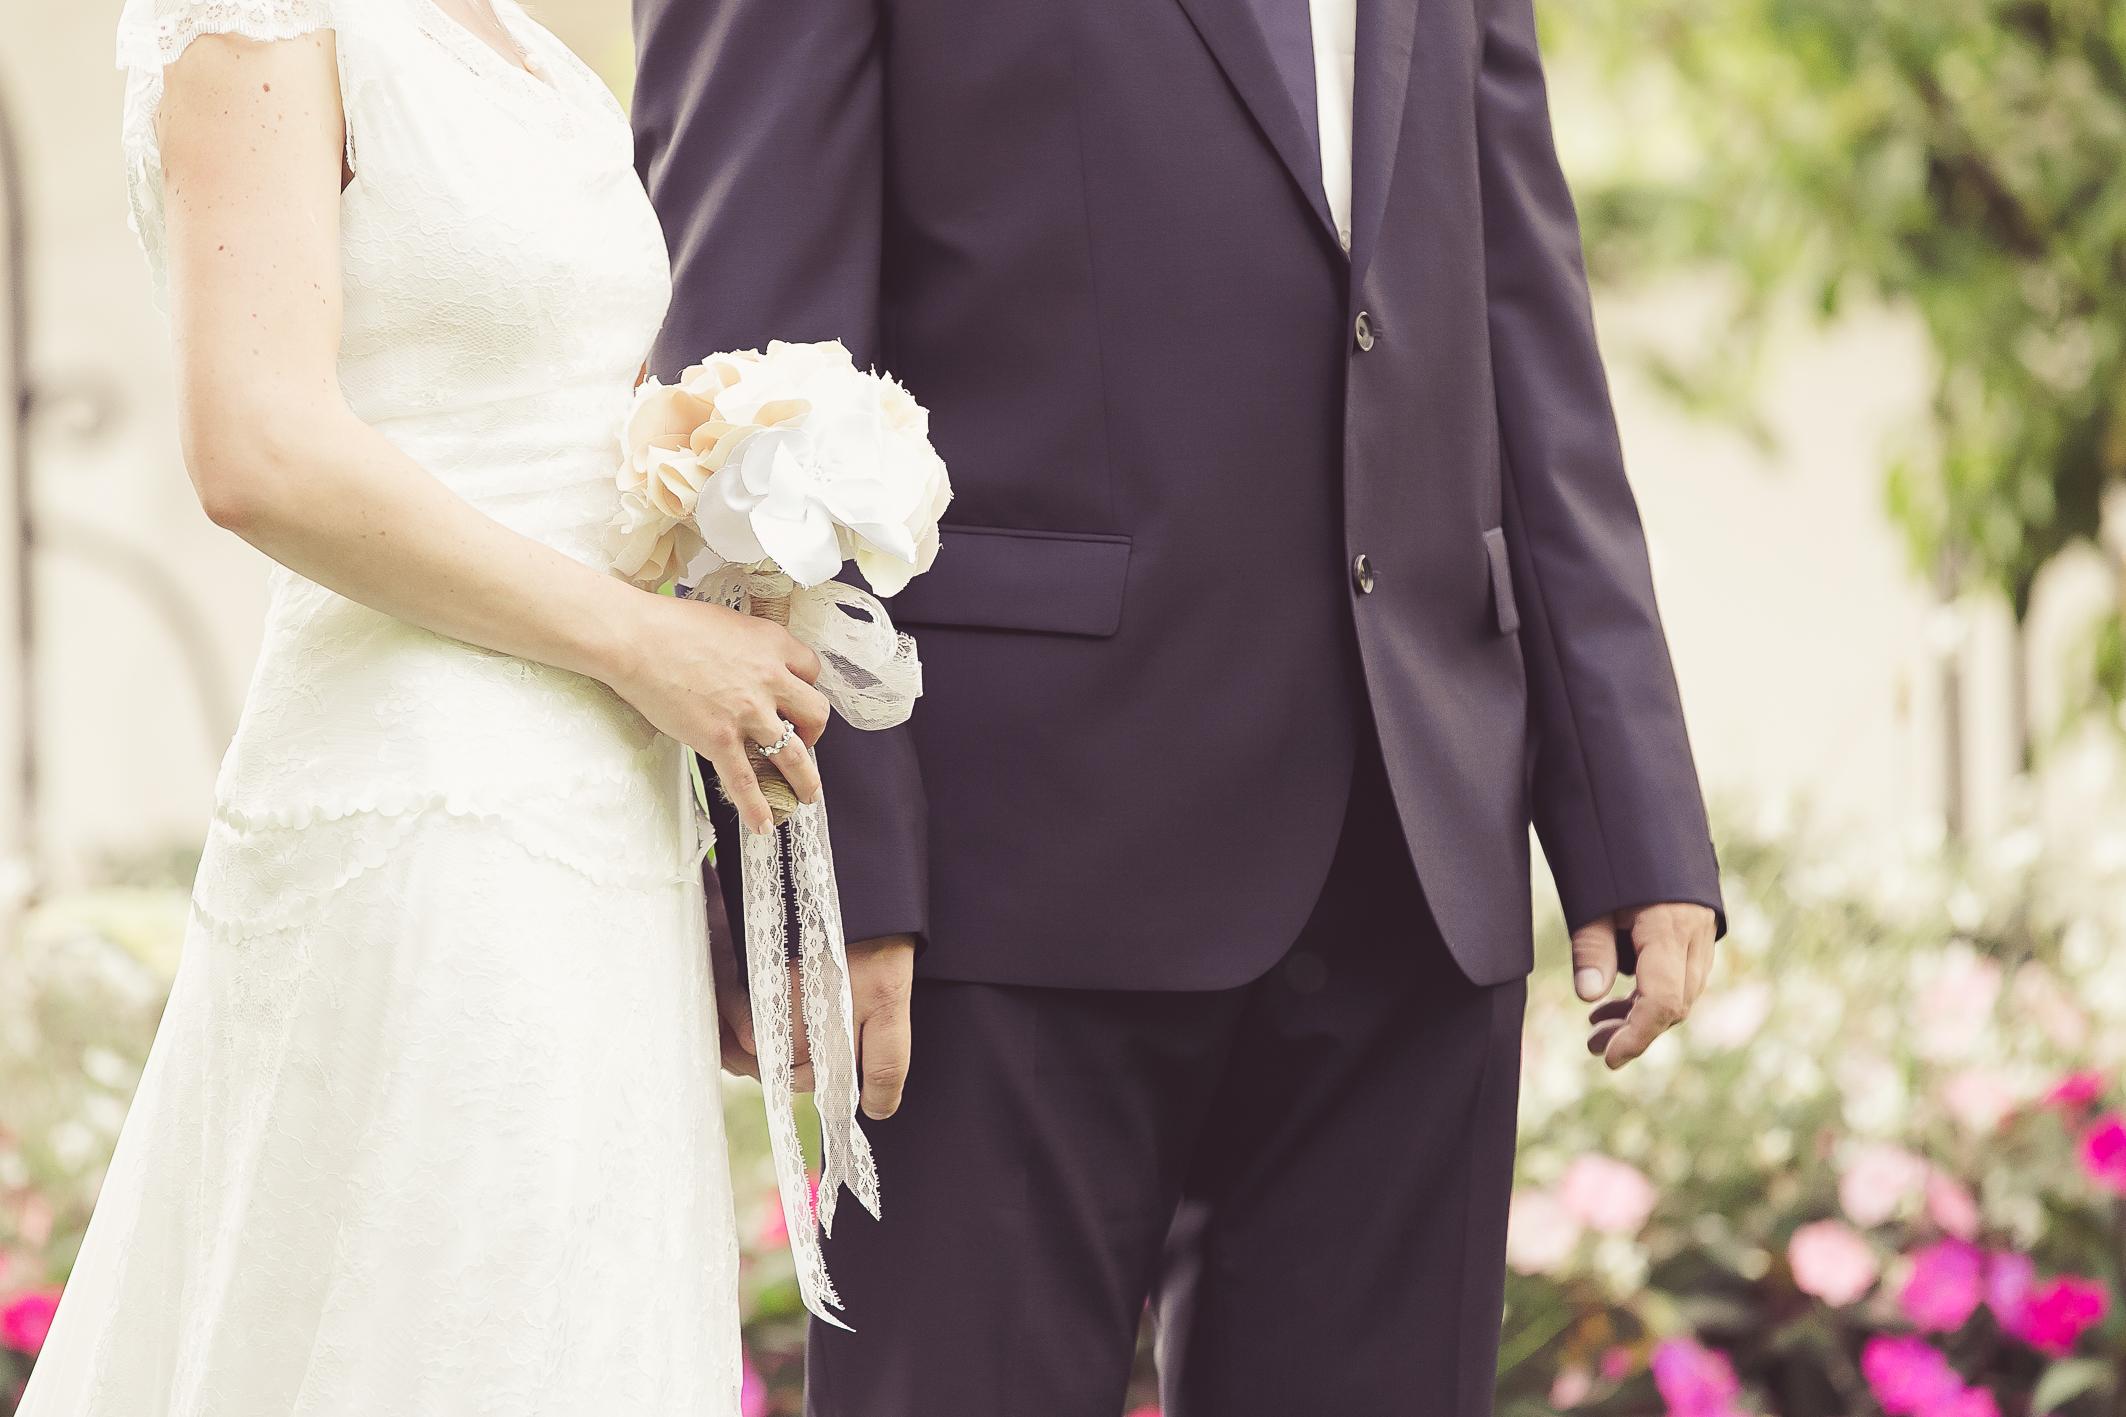 Le mariage genevois (presque) participatif de Virginie